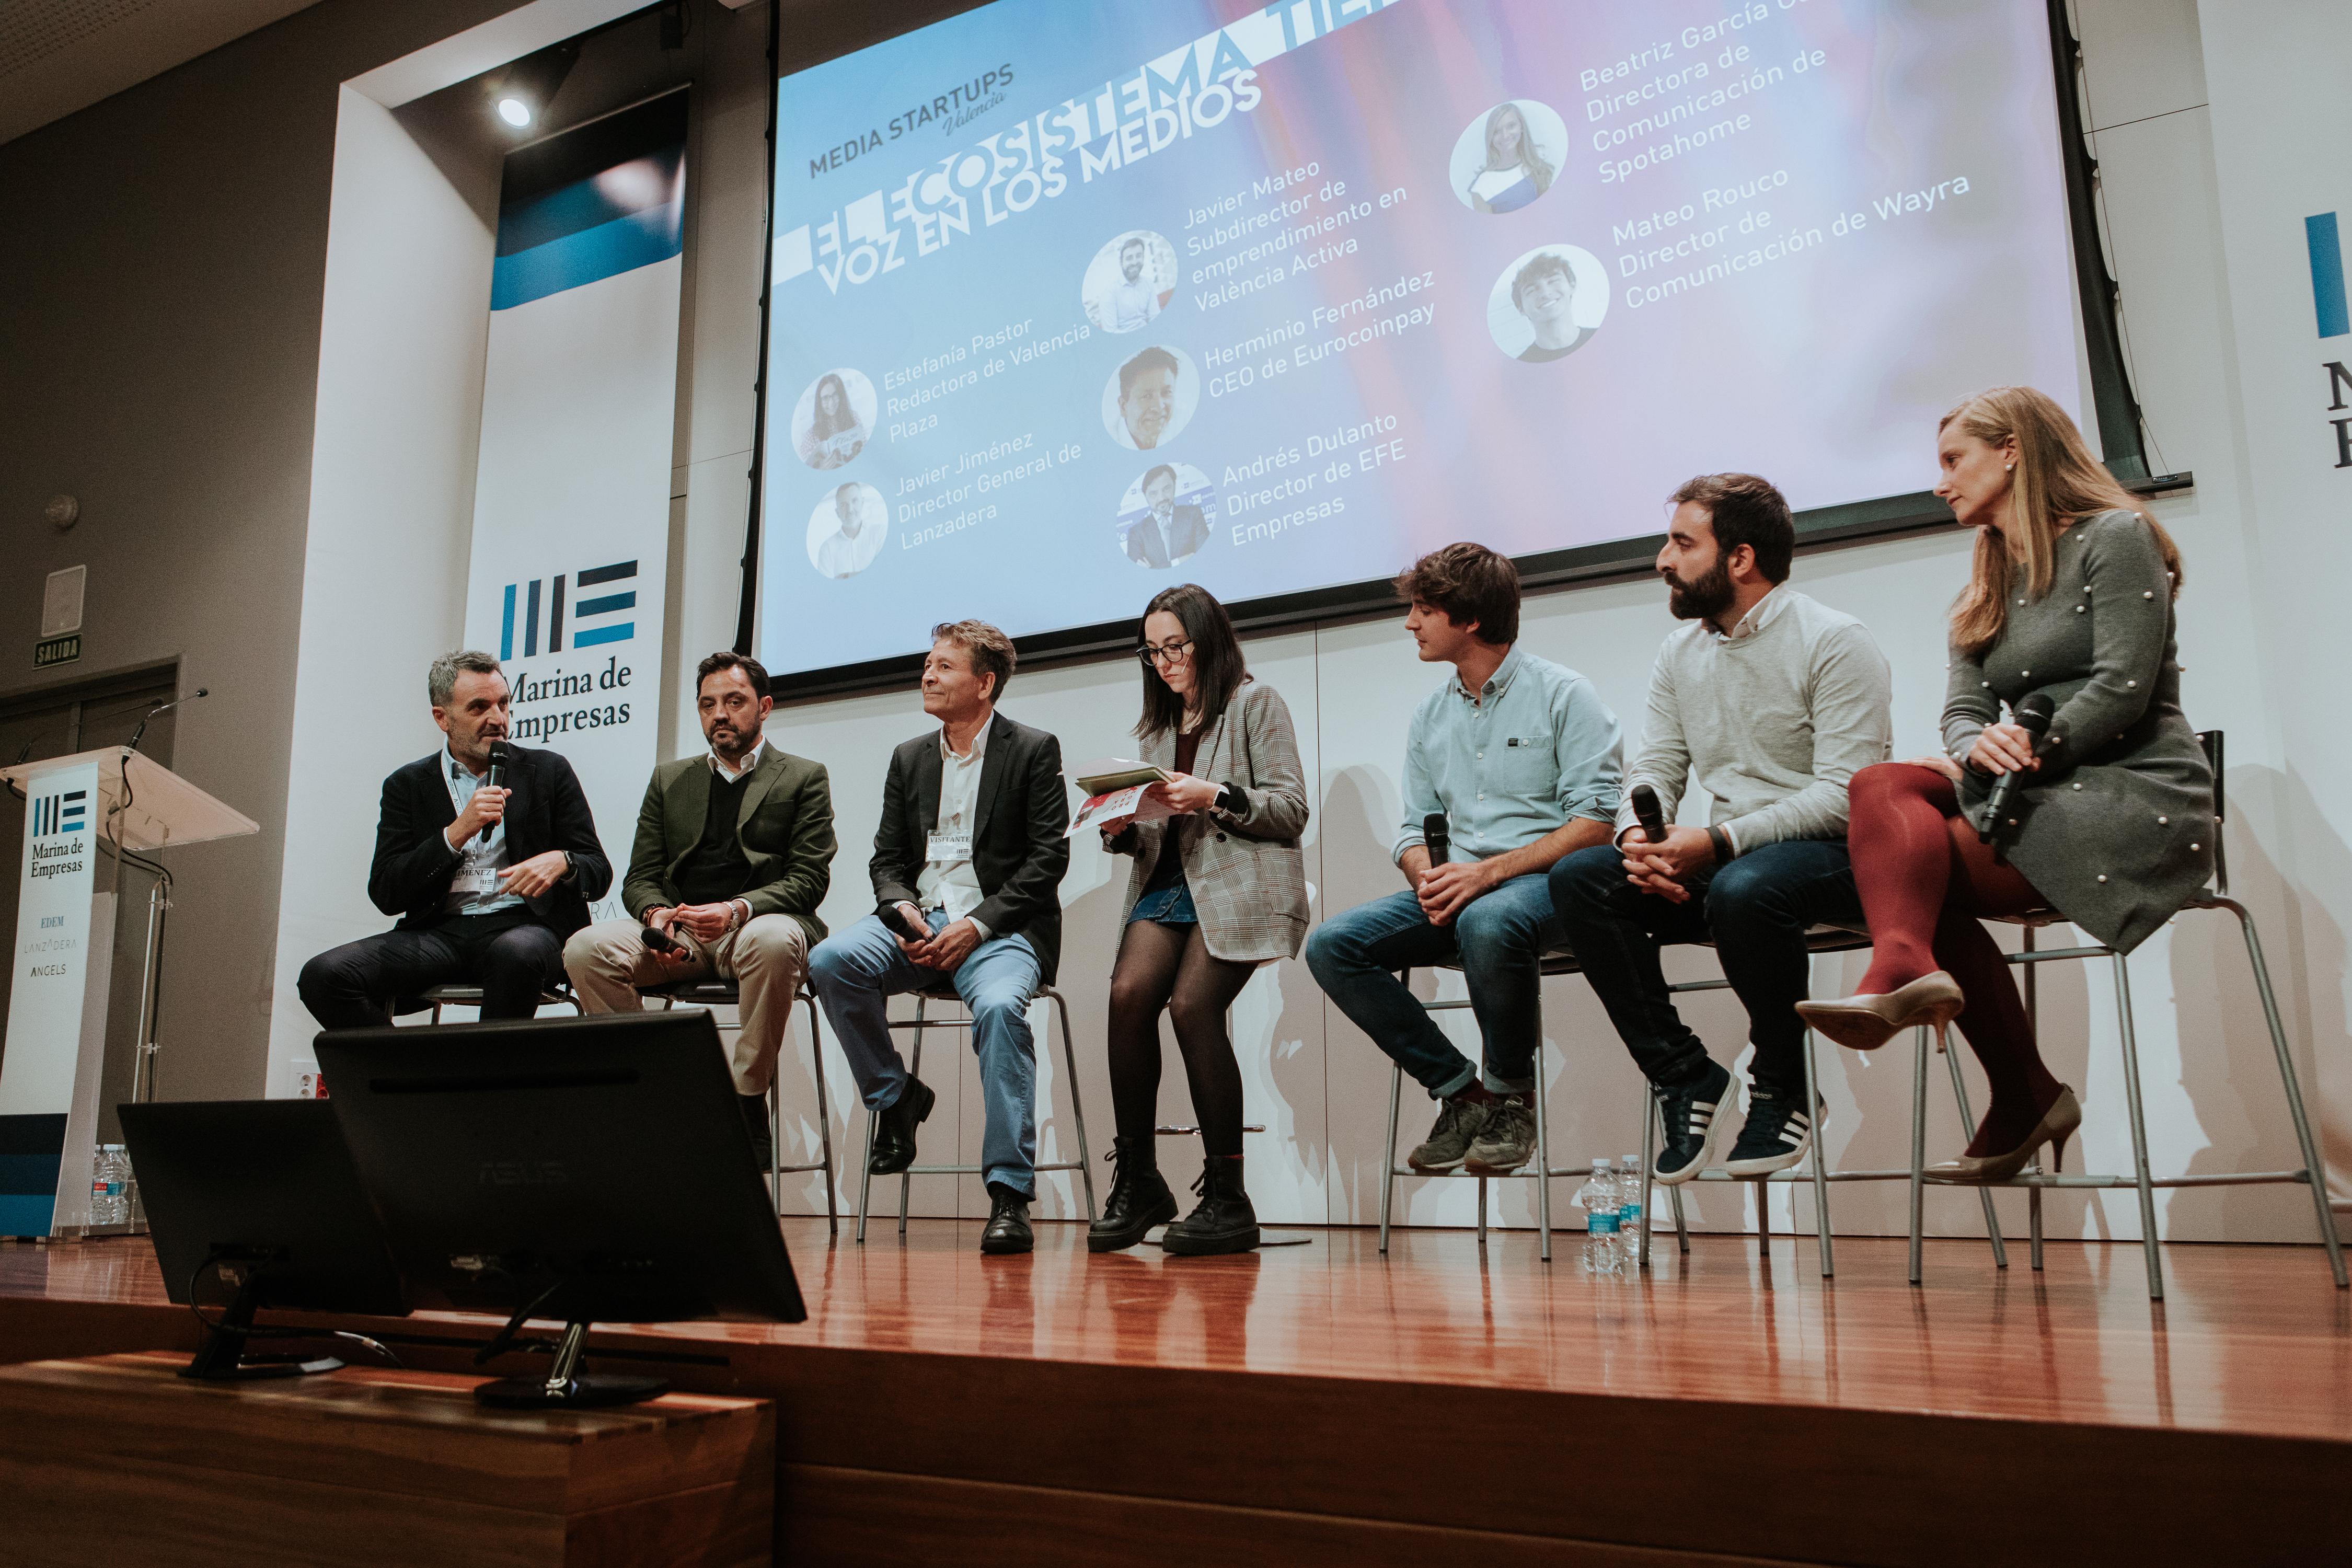 MediaStartups aterriza el 17 de octubre en Valencia por segundo año consecutivo tras el éxito de 2018